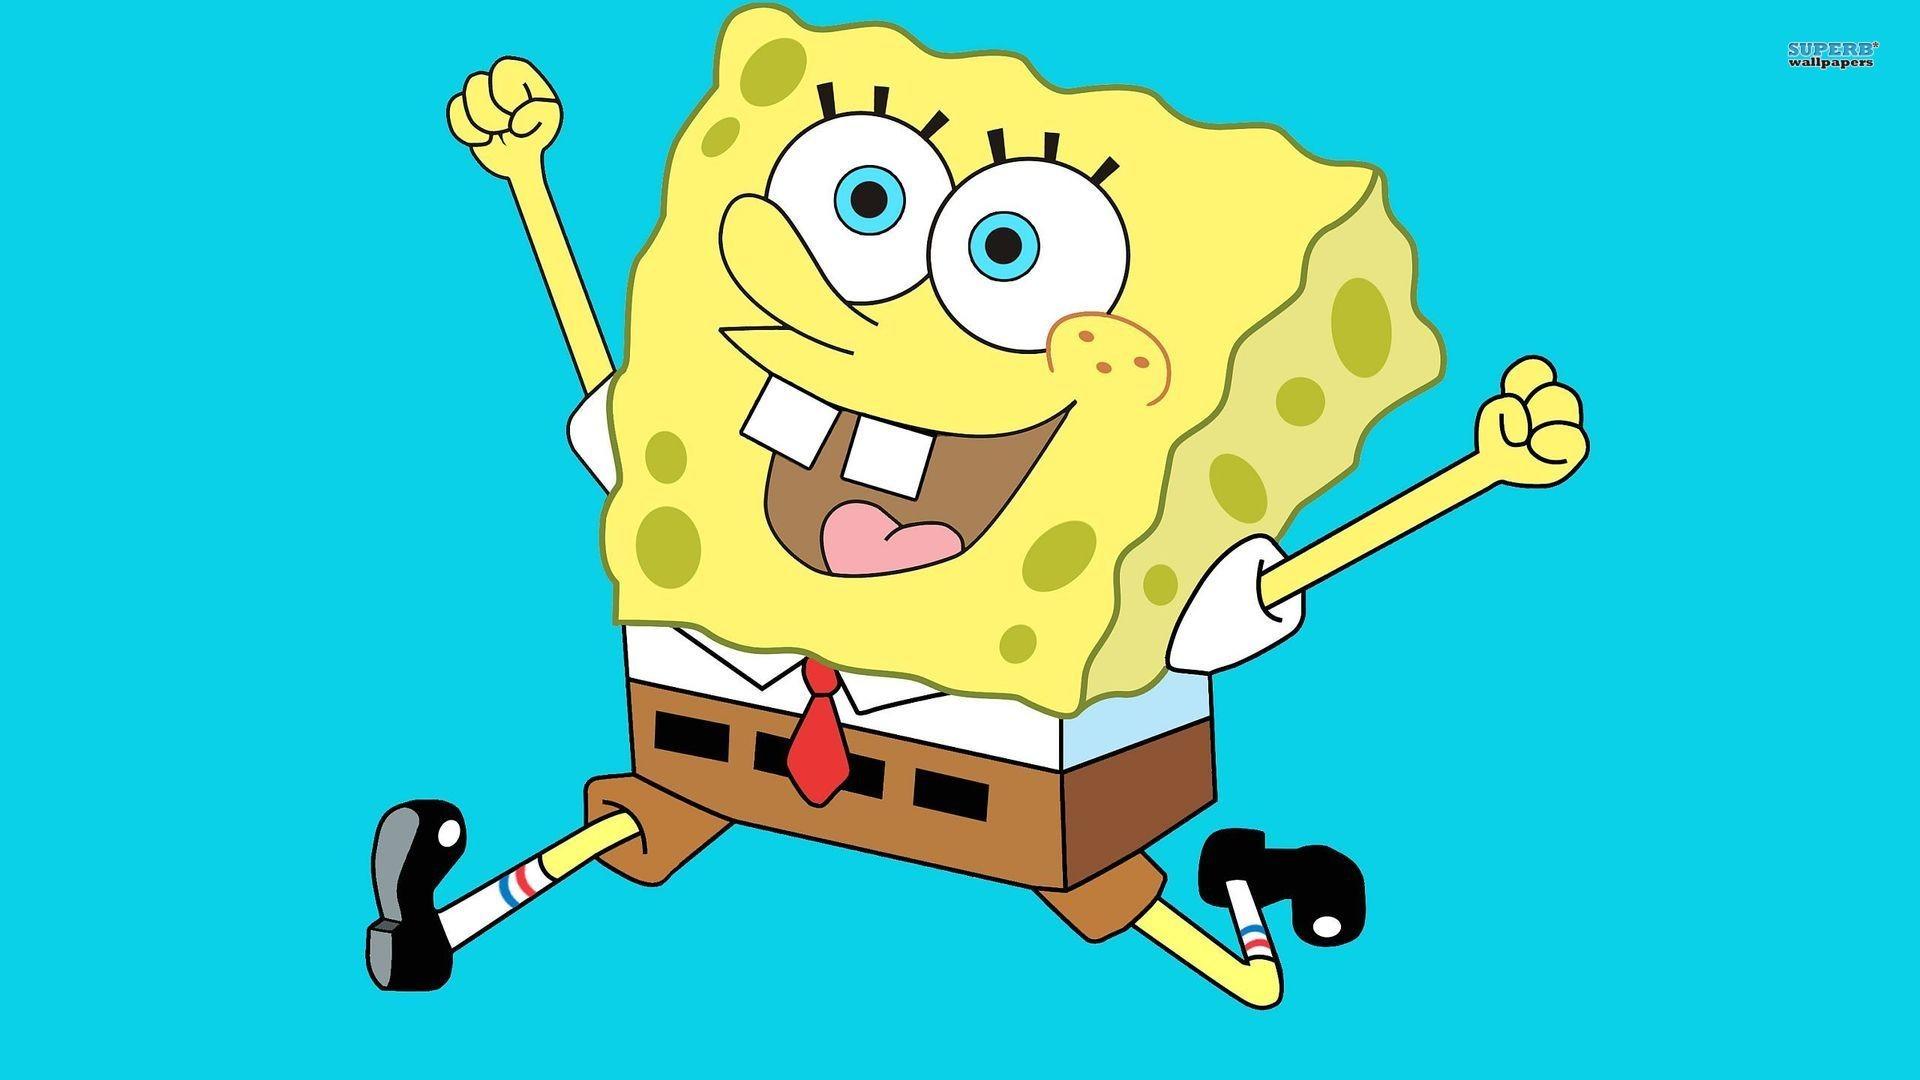 Funny Spongebob Wallpapers Iphone